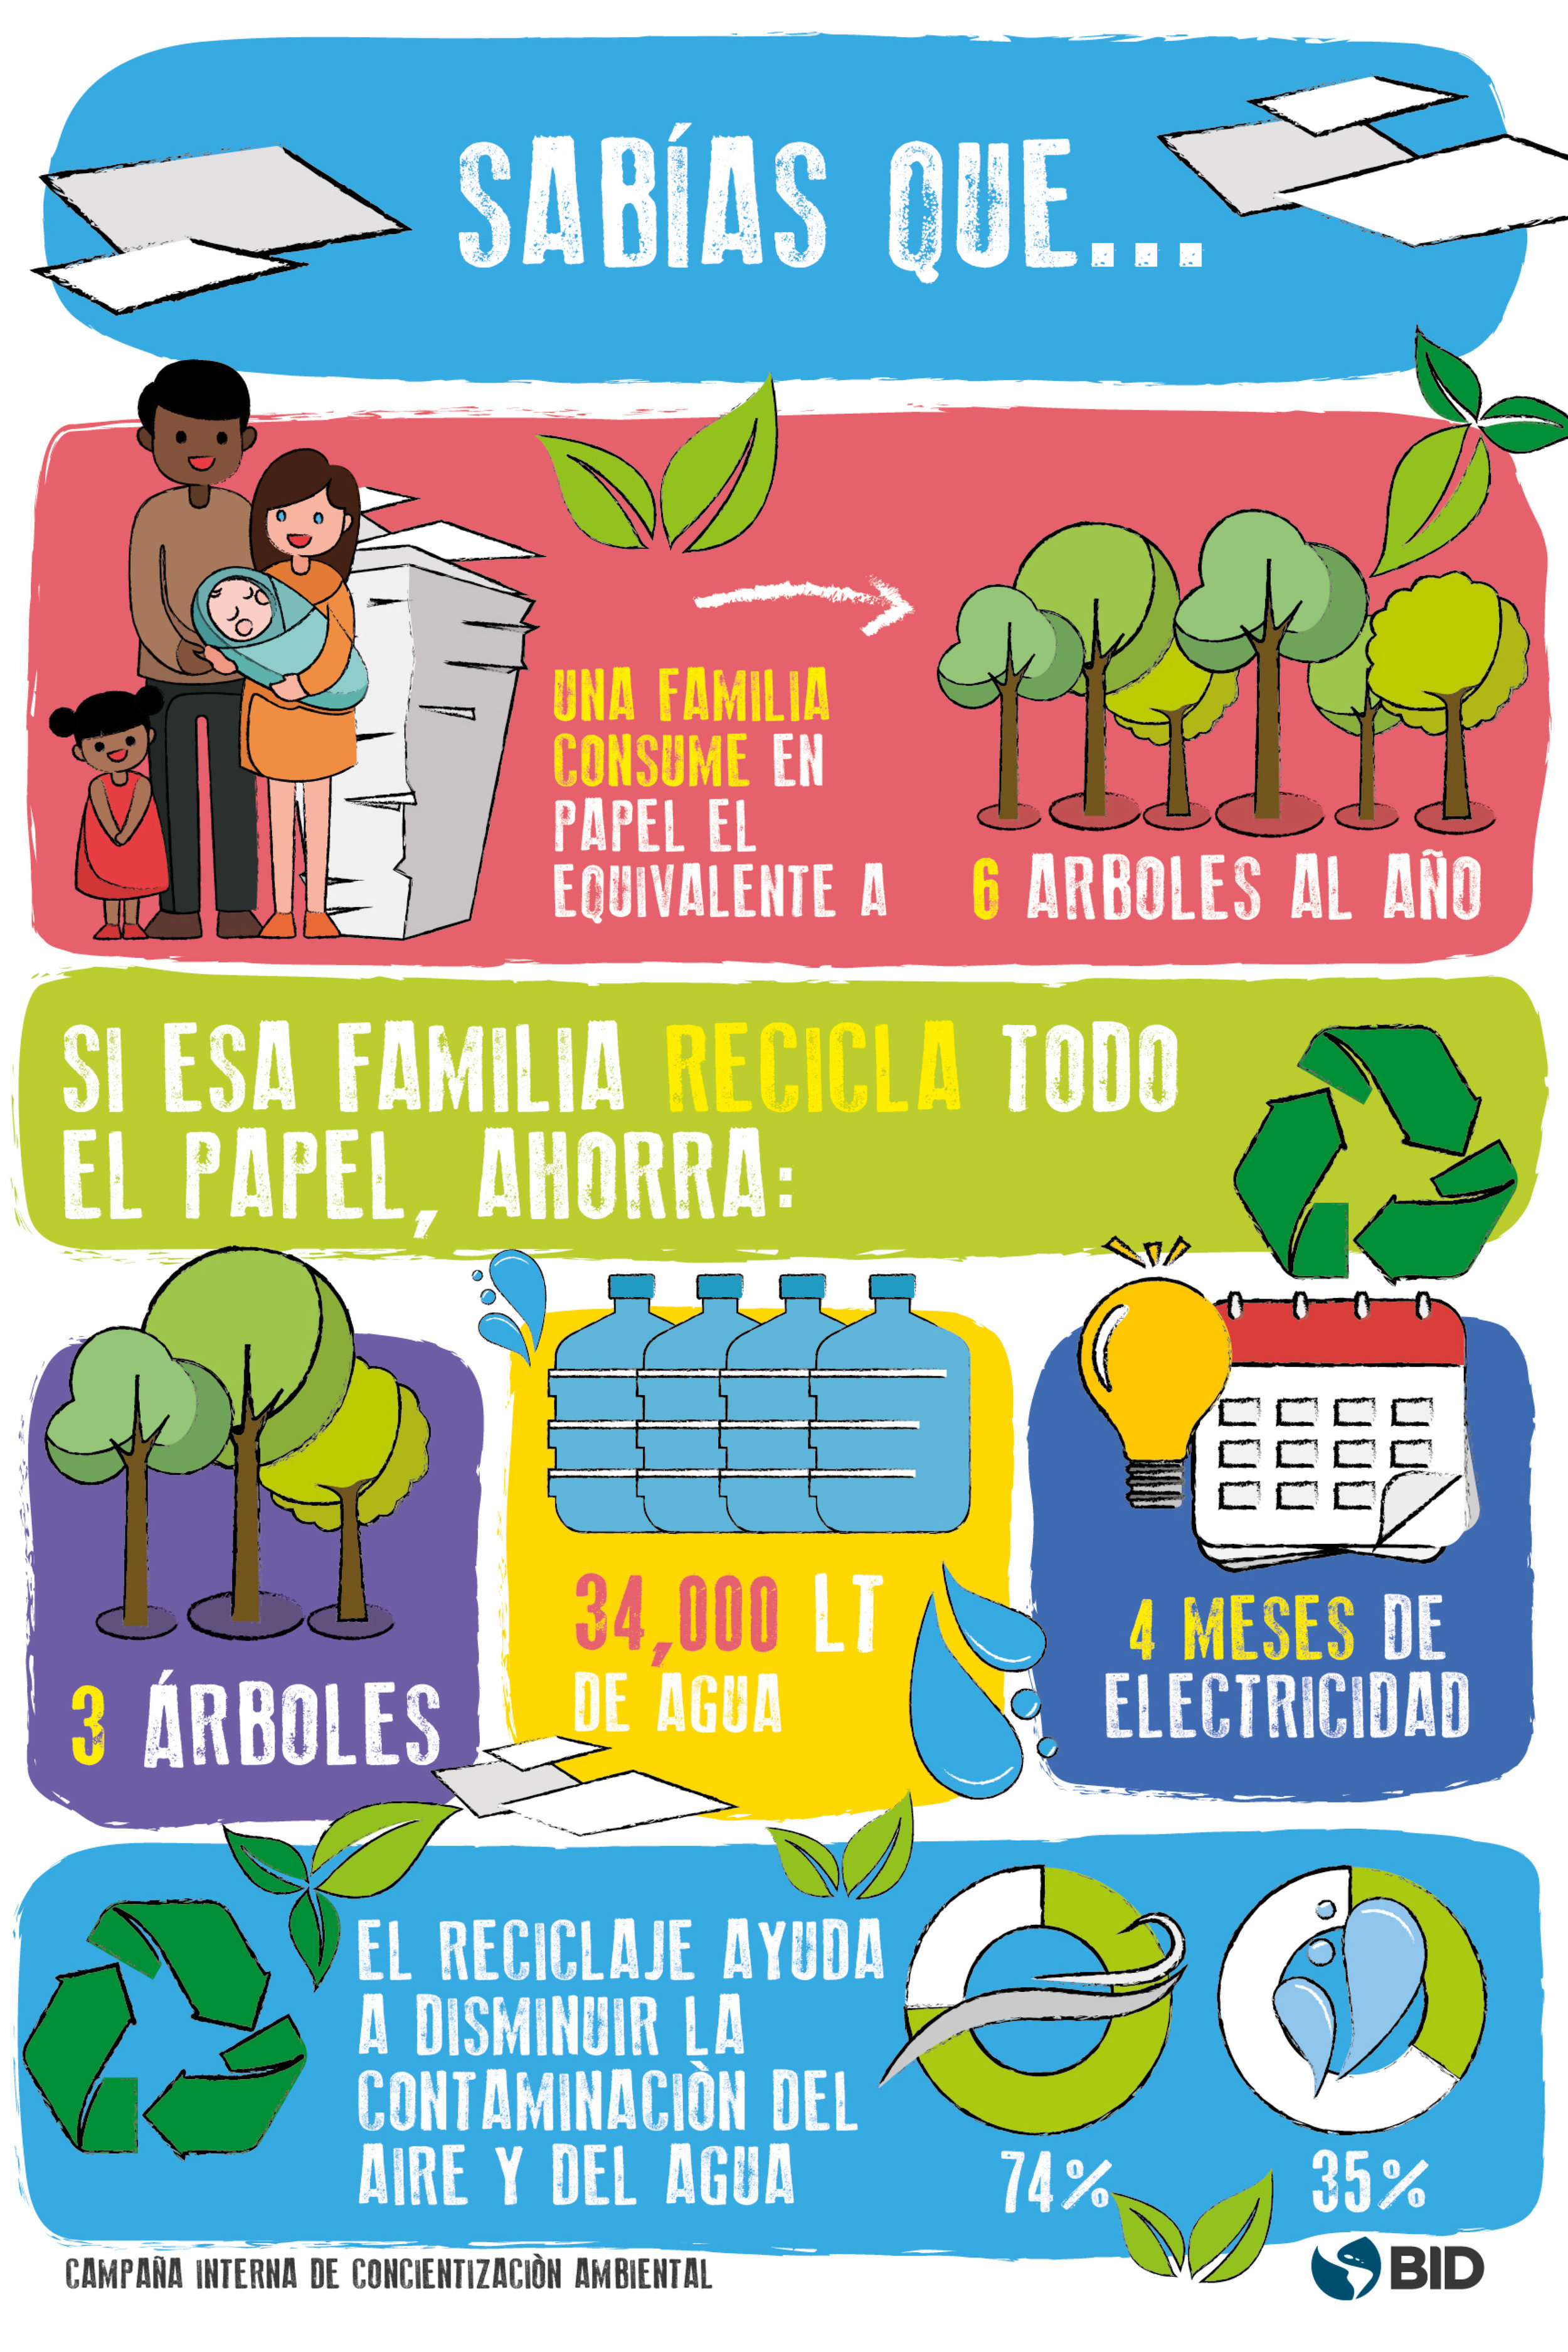 Campaña medio ambiente - Completa-6.jpg